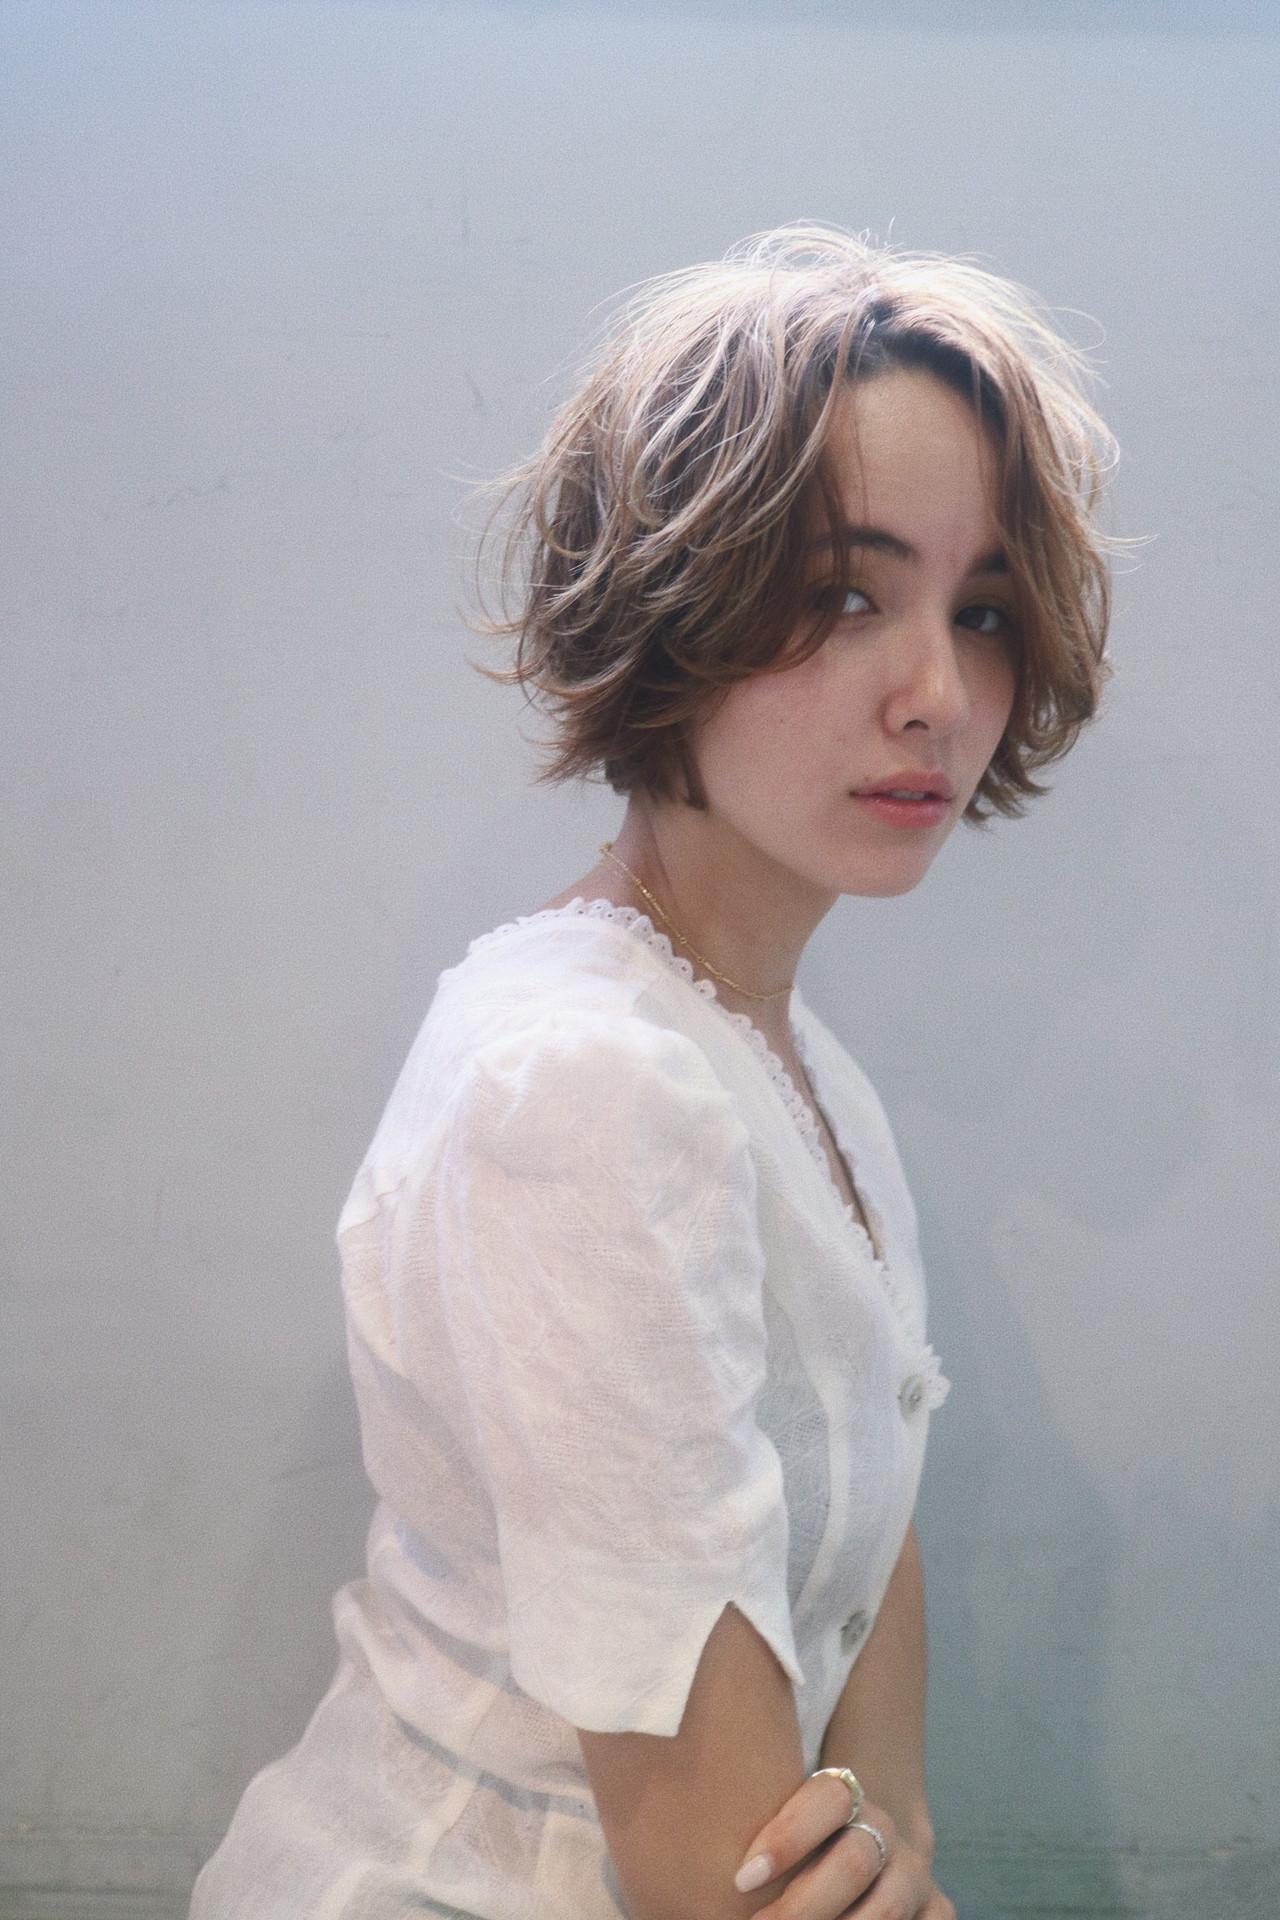 ブルーアッシュ 小顔ショート 暗髪 ブルージュ ヘアスタイルや髪型の写真・画像 | koki / LAND